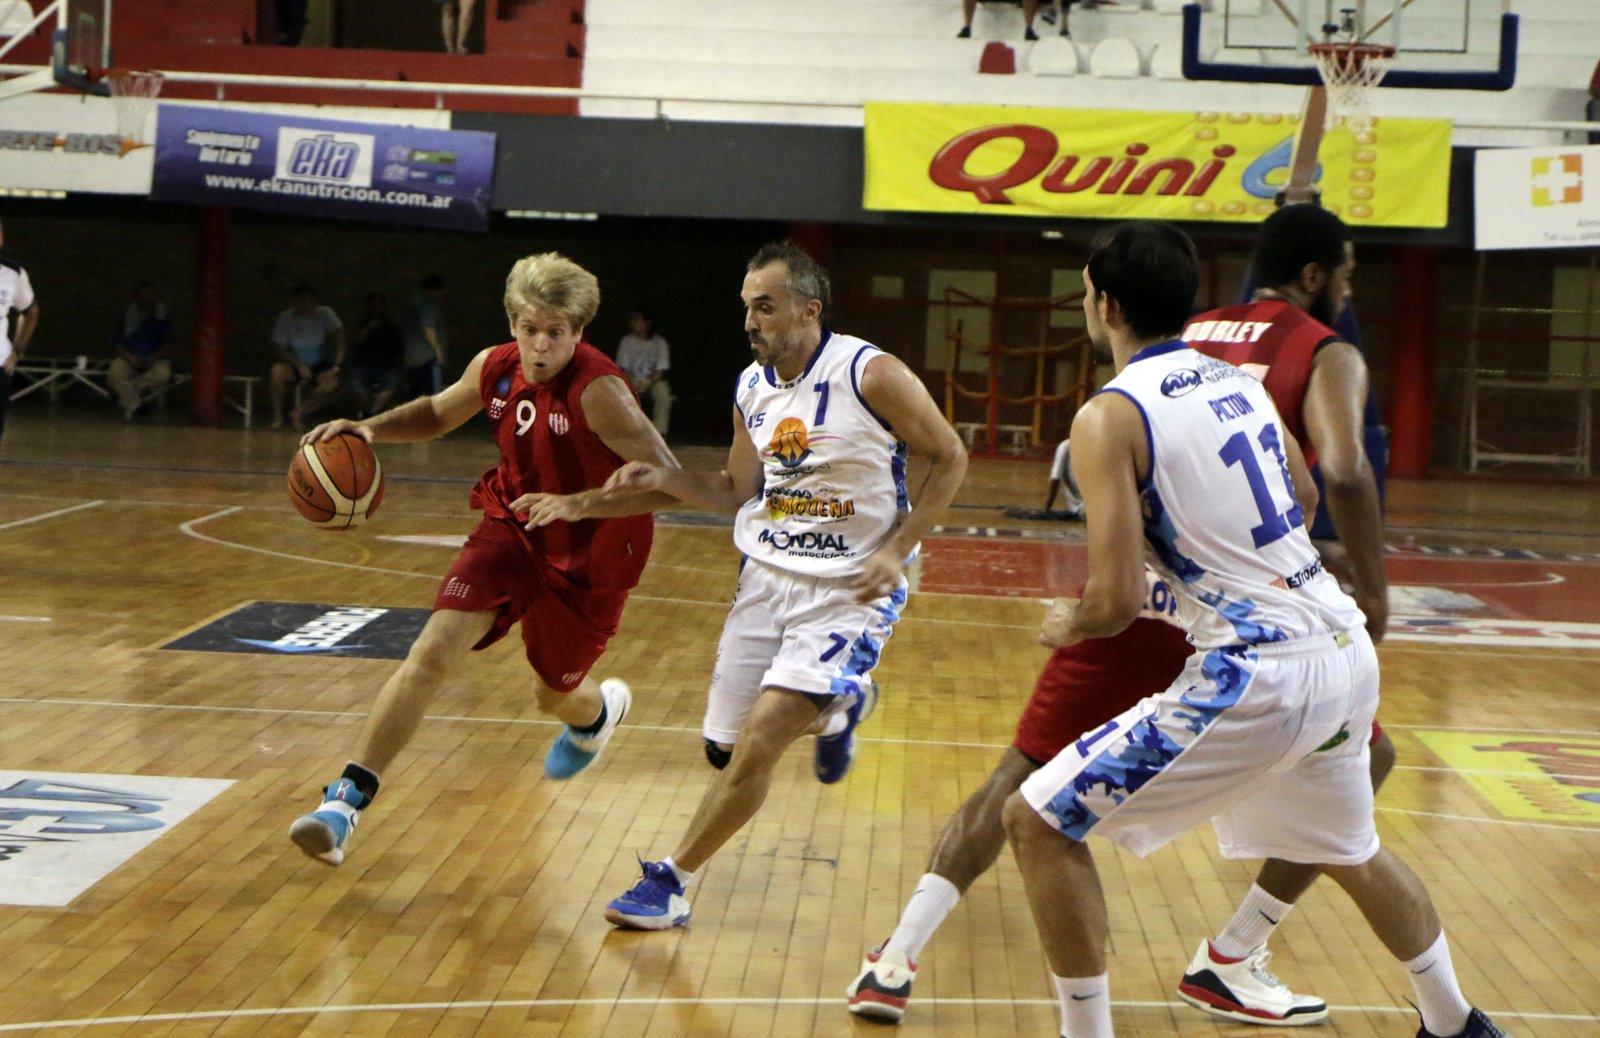 Foto: Gonzalo Cejas (Para prensa Unión)